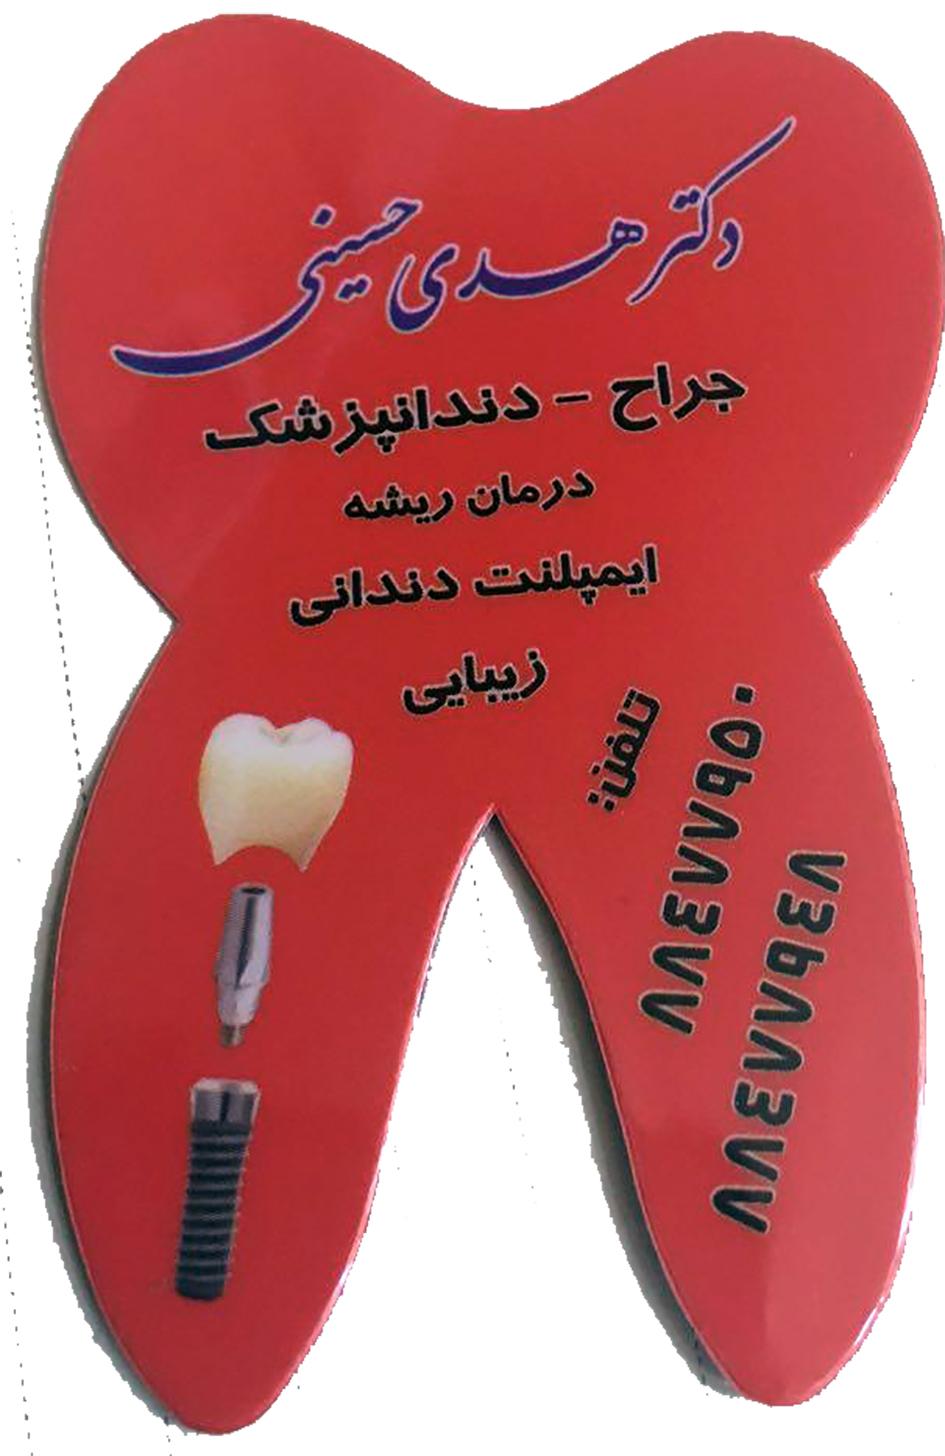 دندانپزشک در مجیدیه تهران